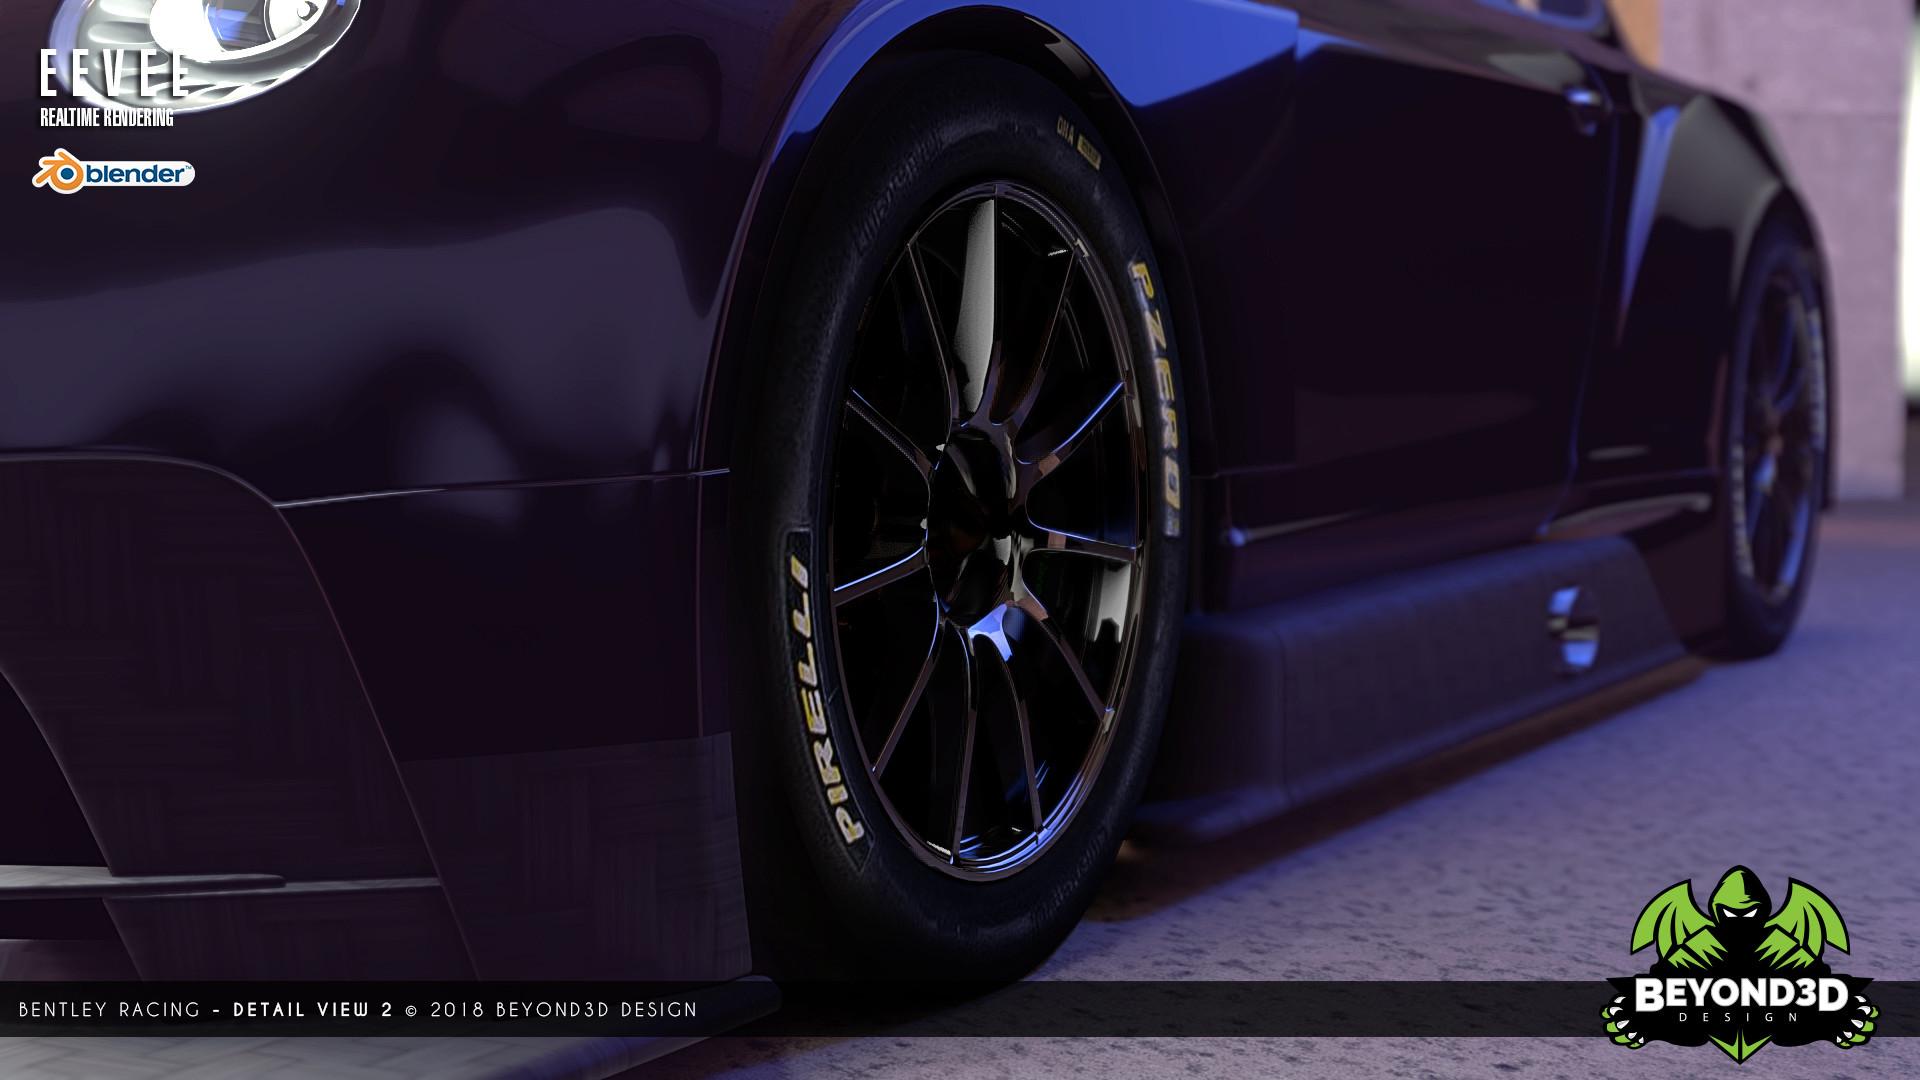 ArtStation - Bentley Racing Car, BEYOND 3D